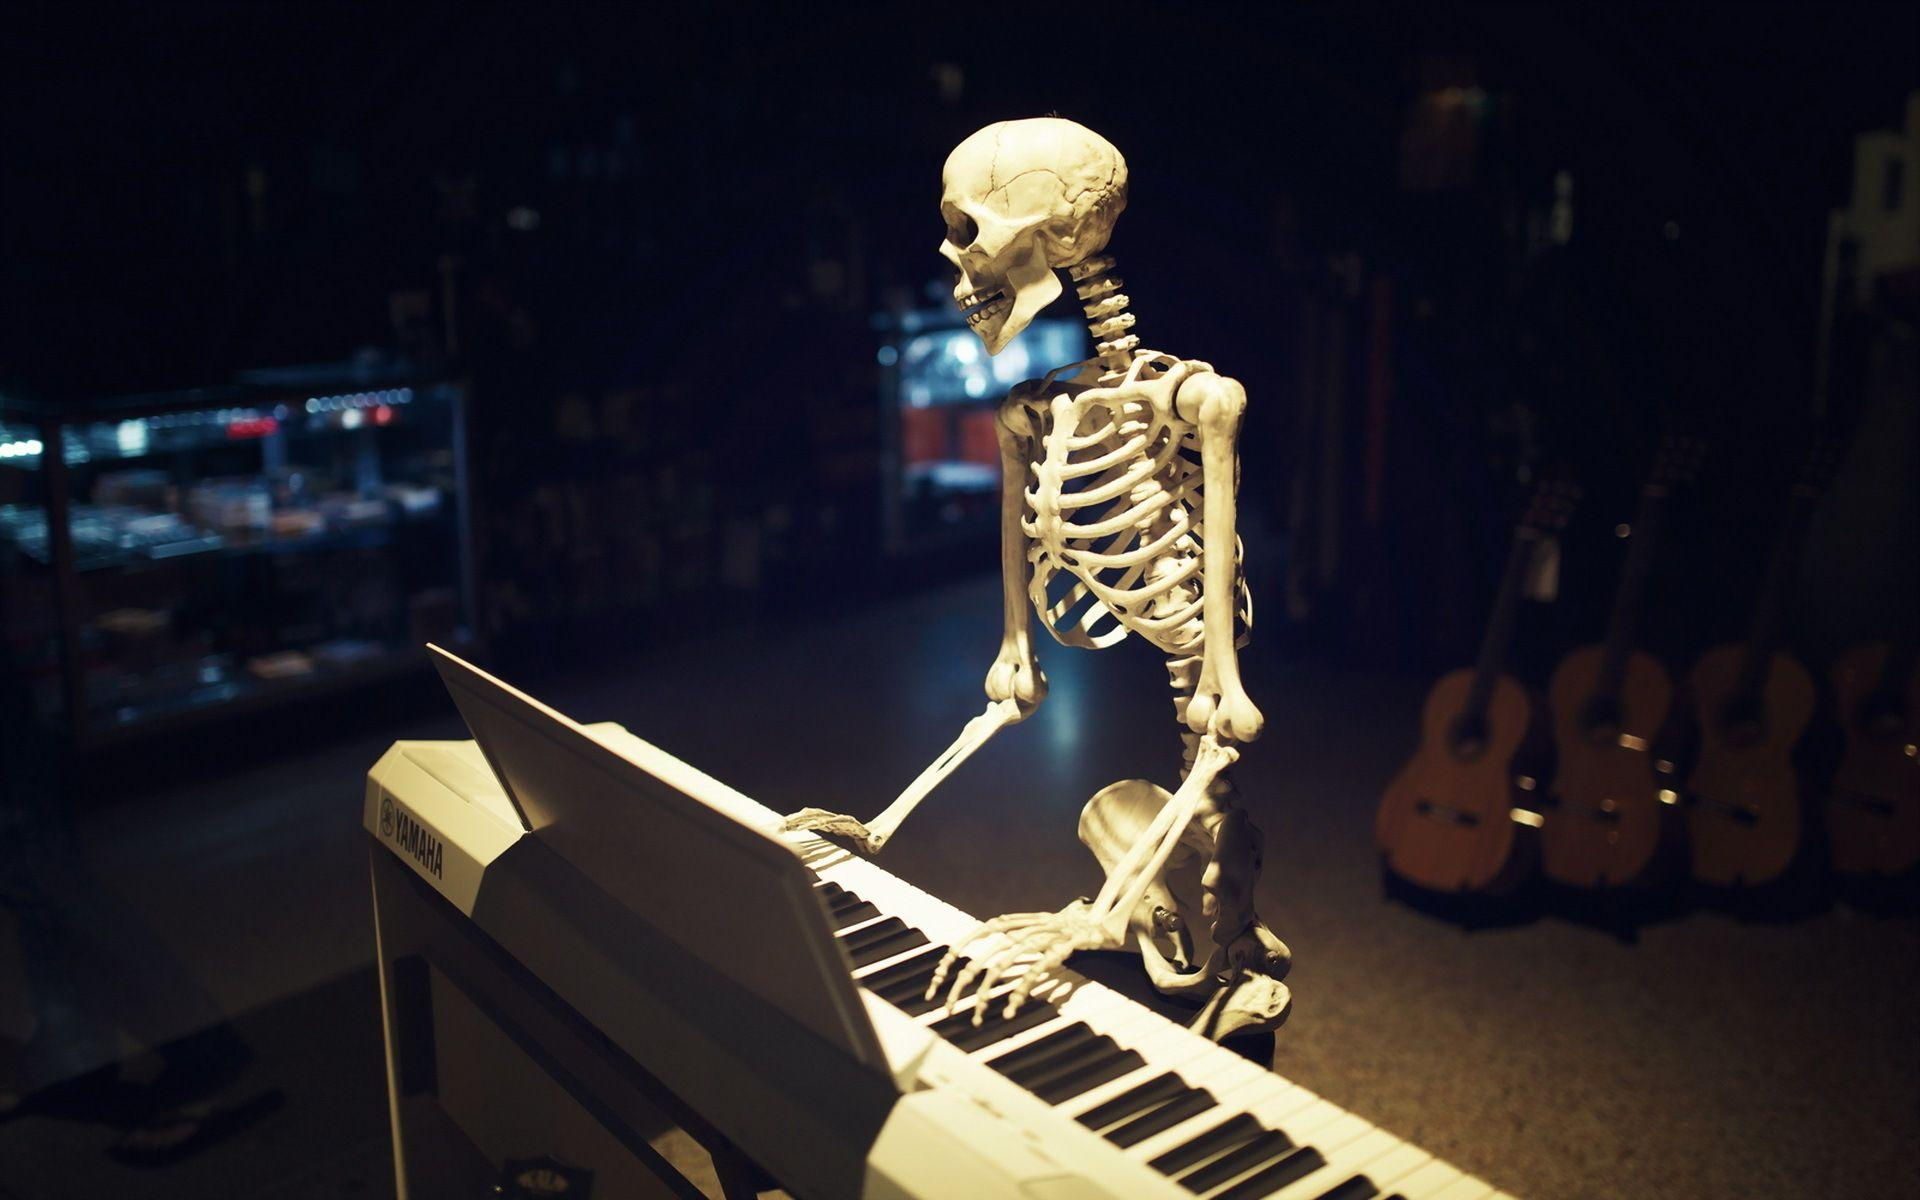 skeletal system hd images